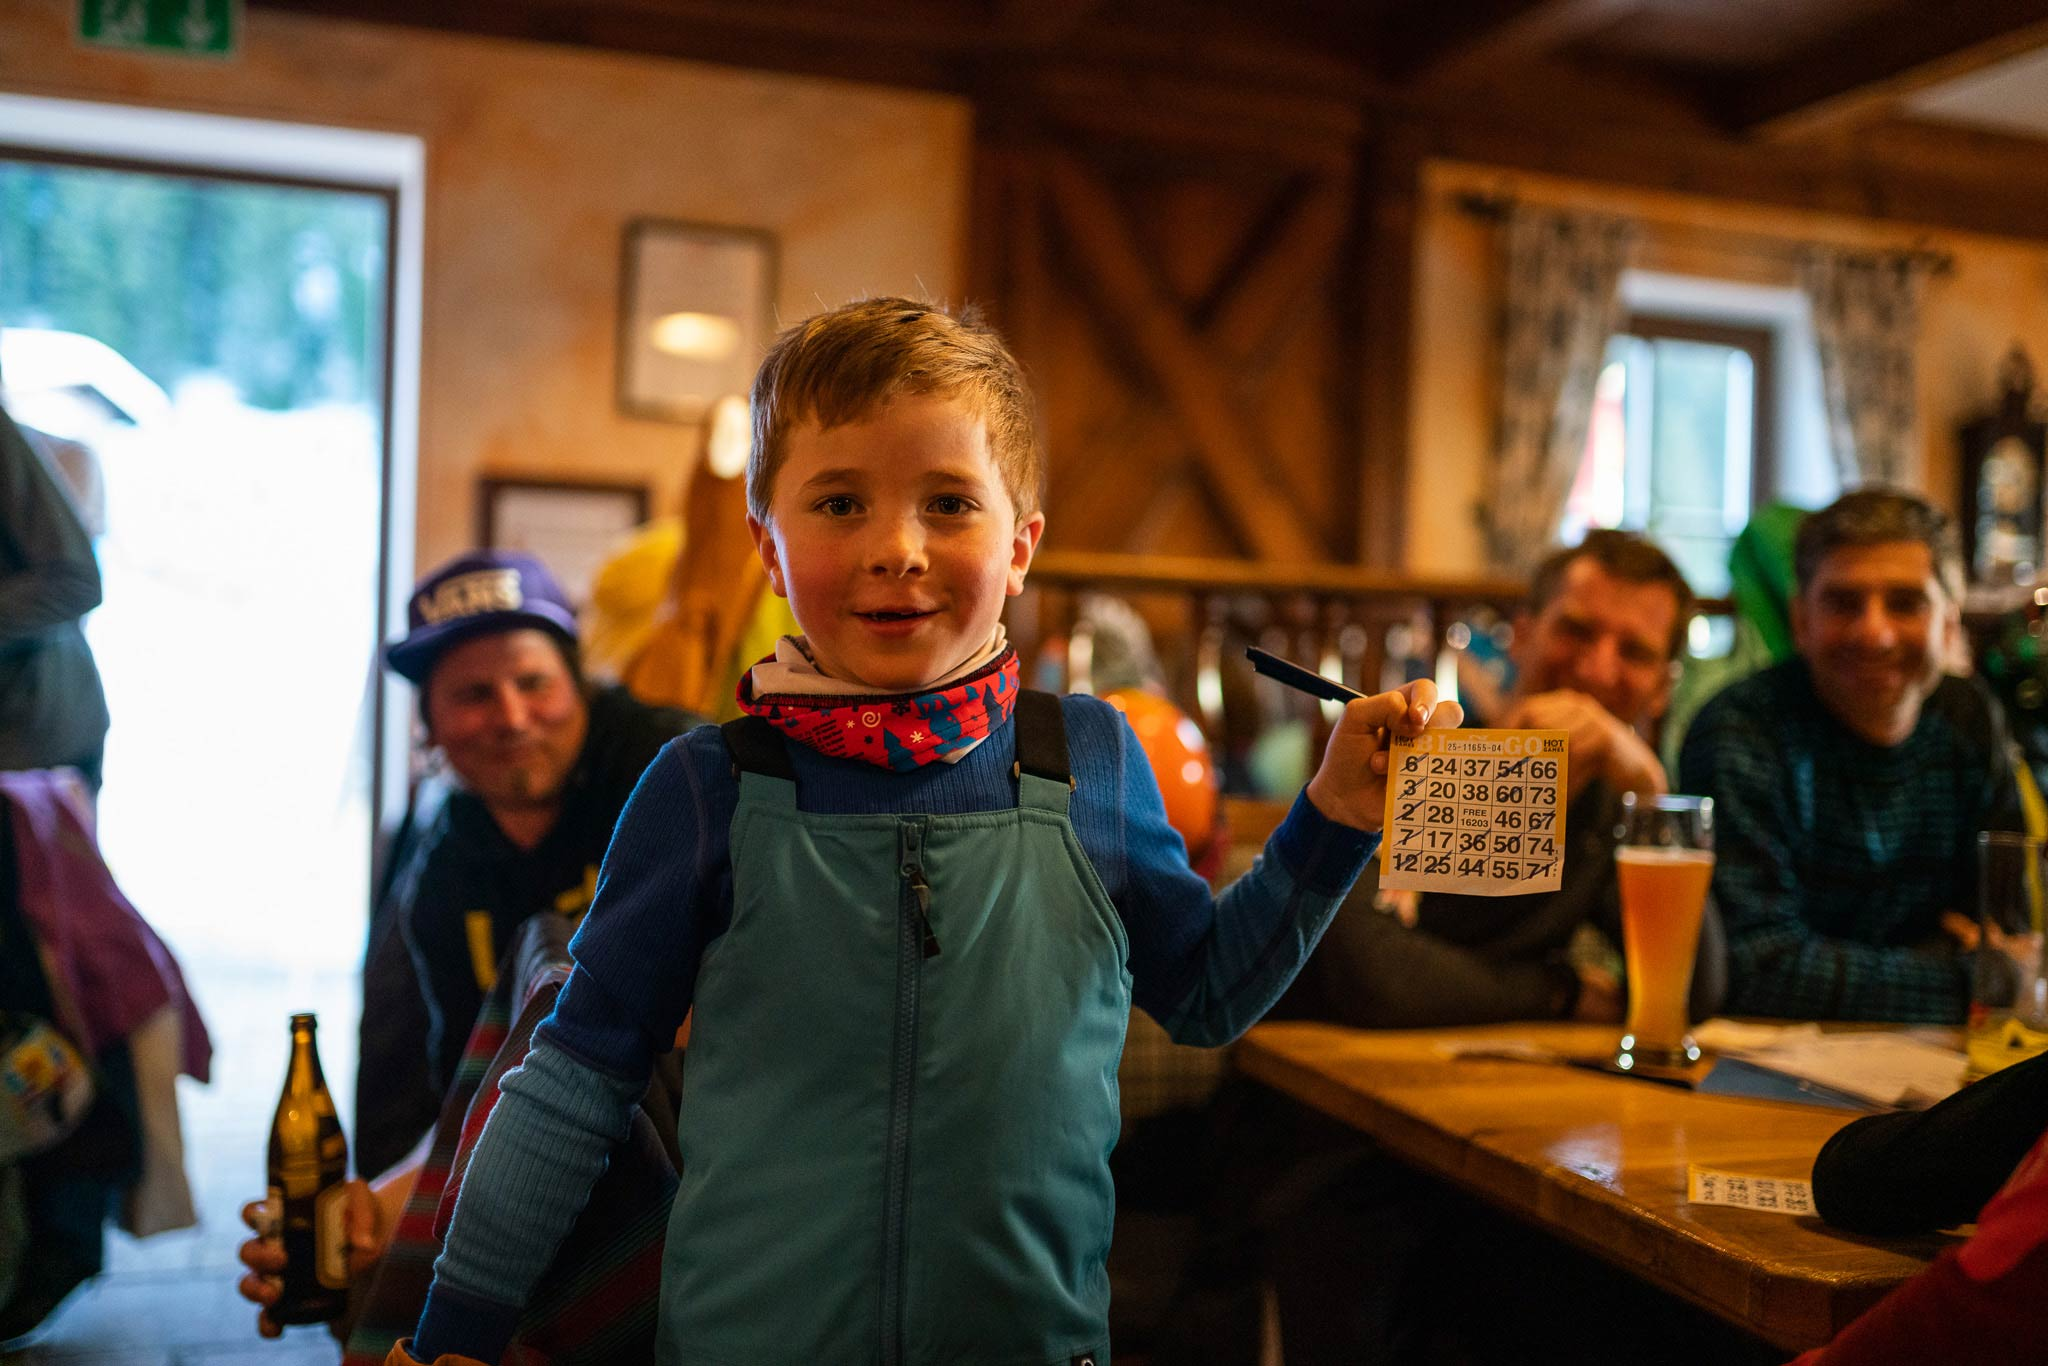 Beim Kinder Bingo gab es zahlreiche Sachpreise zu gewinnen - Foto: Gert Perauer